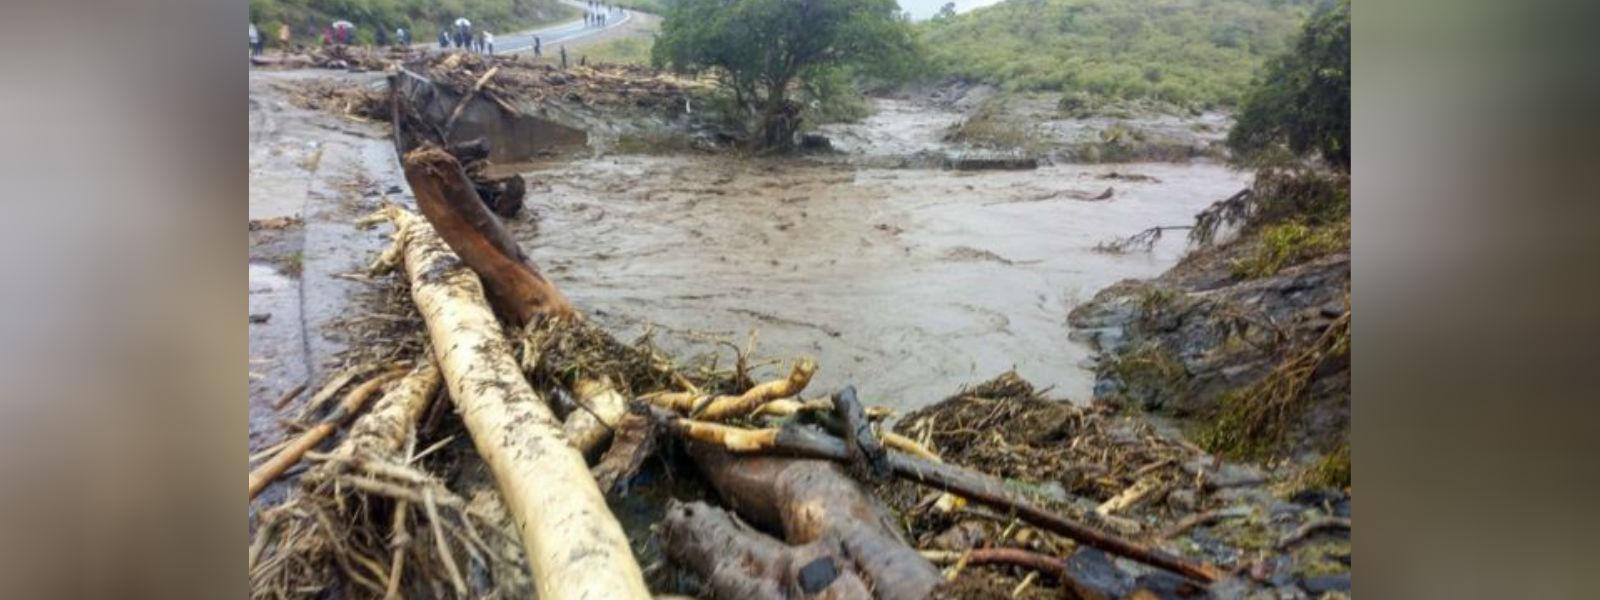 கென்யாவில் கடும் மழை; 29 பேர் உயிரிழப்பு